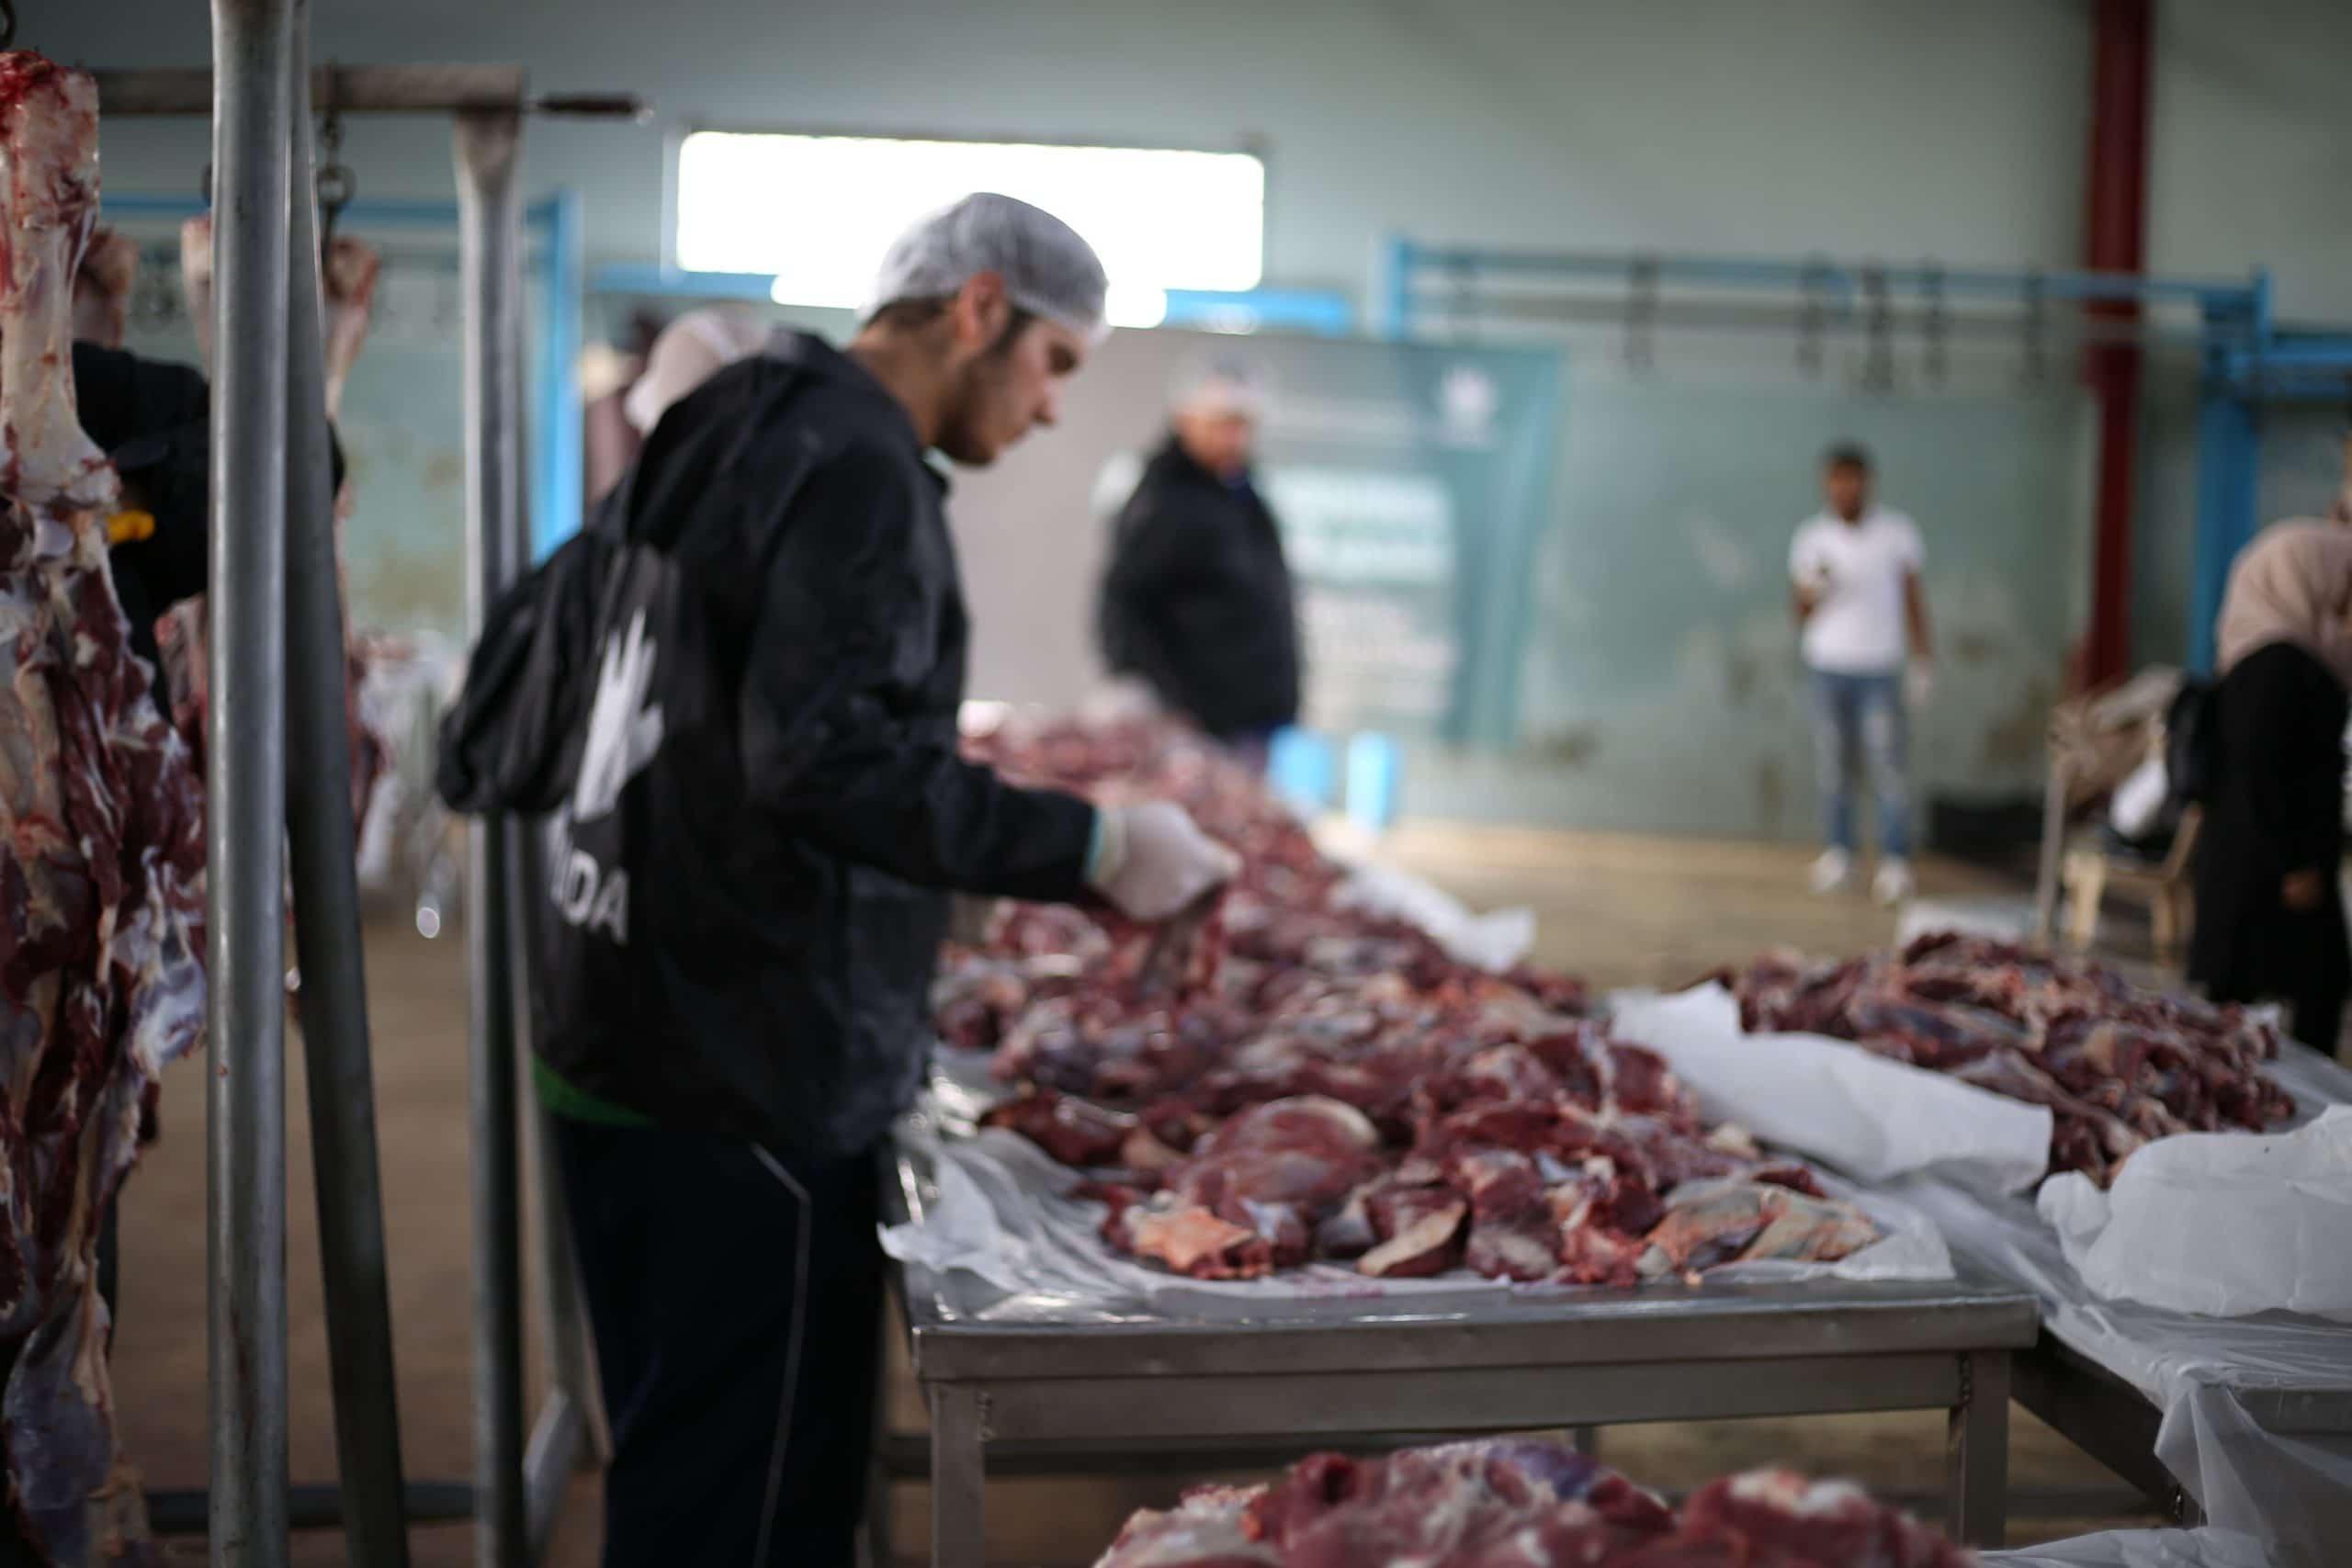 لماذا ينصح الأطباء بعدم تناول لحم الأضحية مباشرة بعد الذبح والانتظار 6 ساعات على الأقل؟